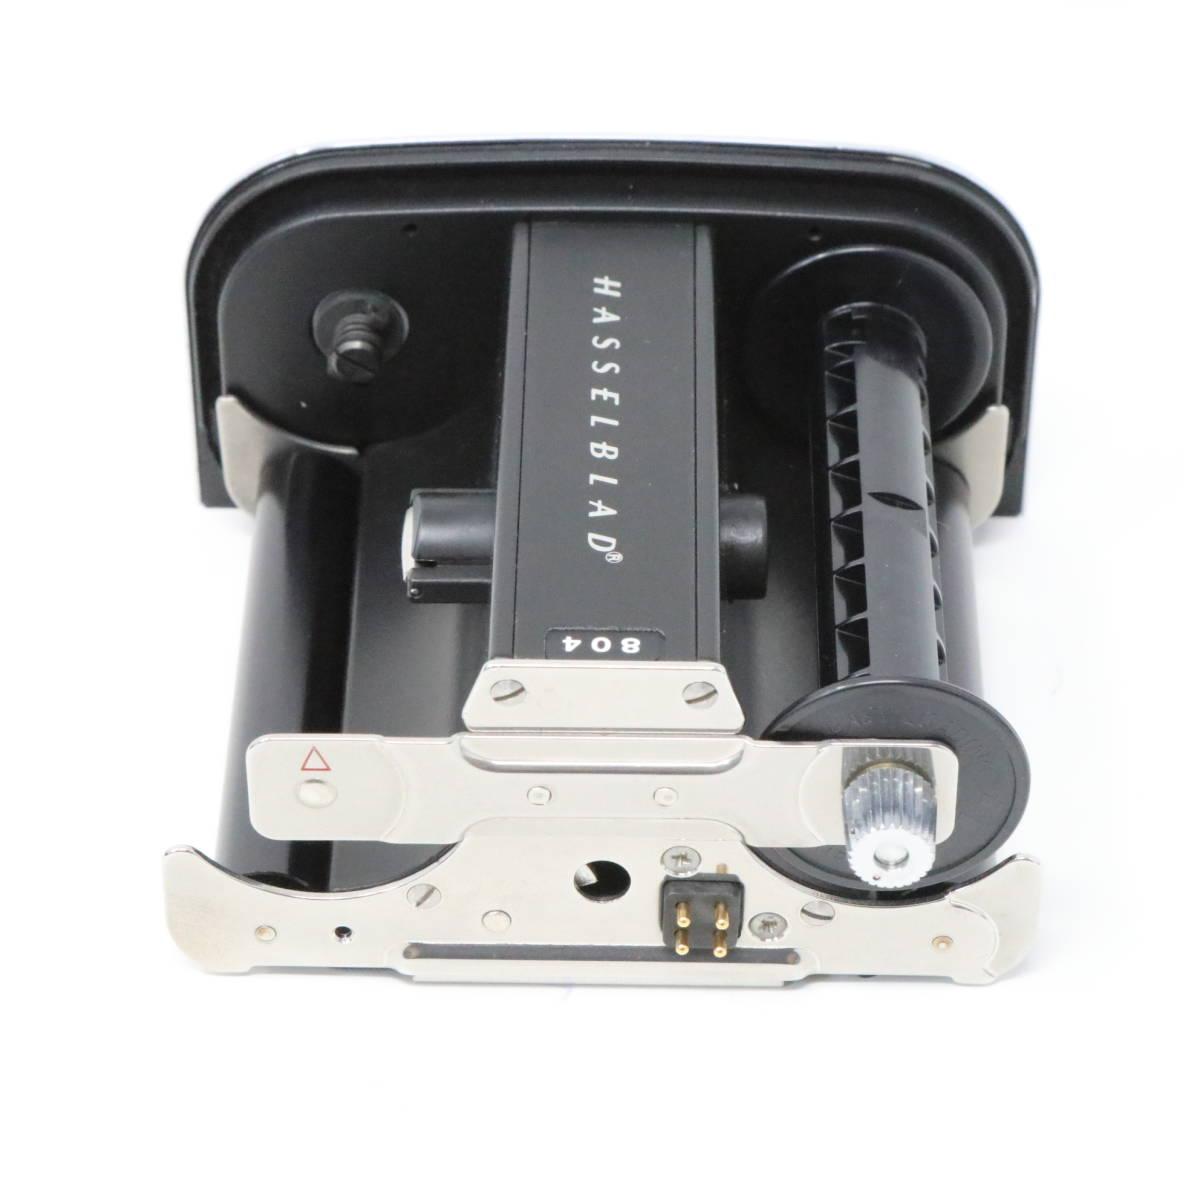 【中古良品完動品】 HASSELBLAD ハッセルブラッド 中判一眼レフカメラ ☆205TCC CarlZeiss Planar F 80mm F2.8 T* マガジン12TCC +16TCC付_画像10